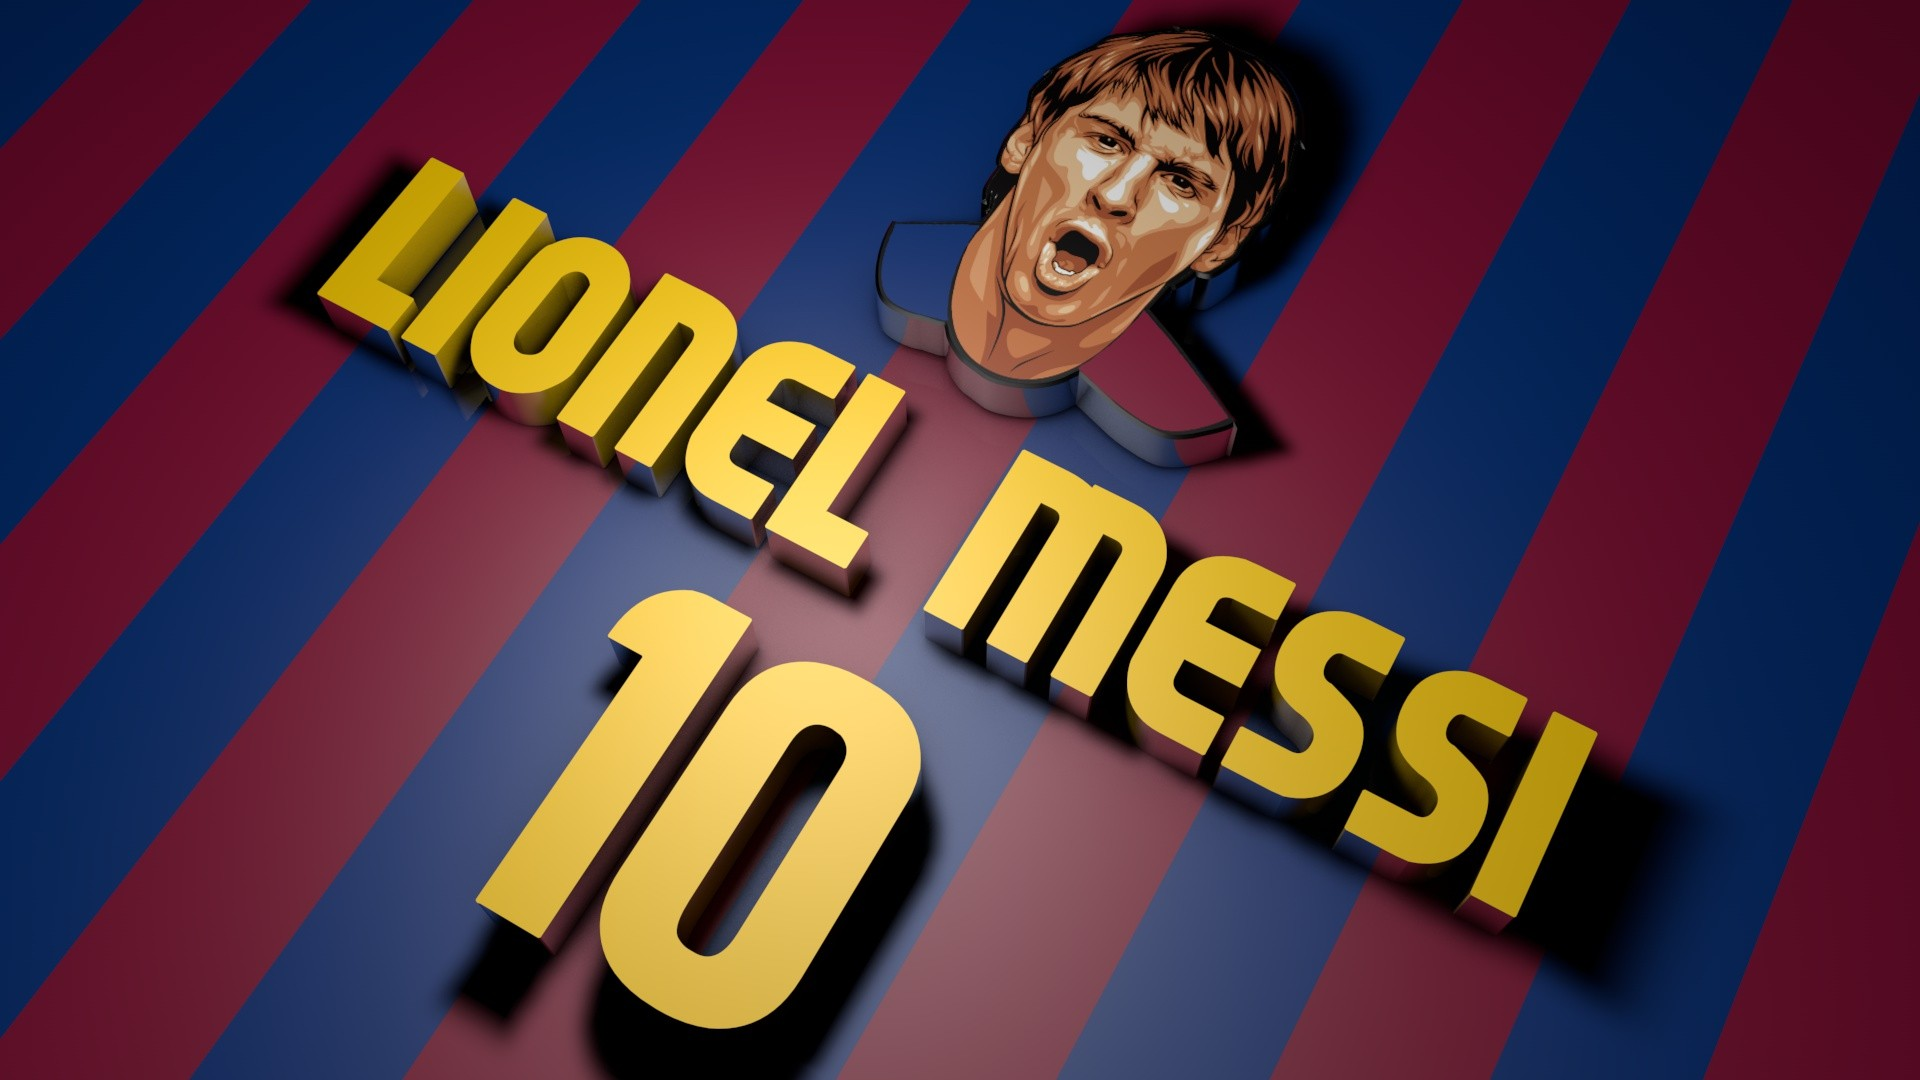 Lionel Messi 3D - 1920x1080